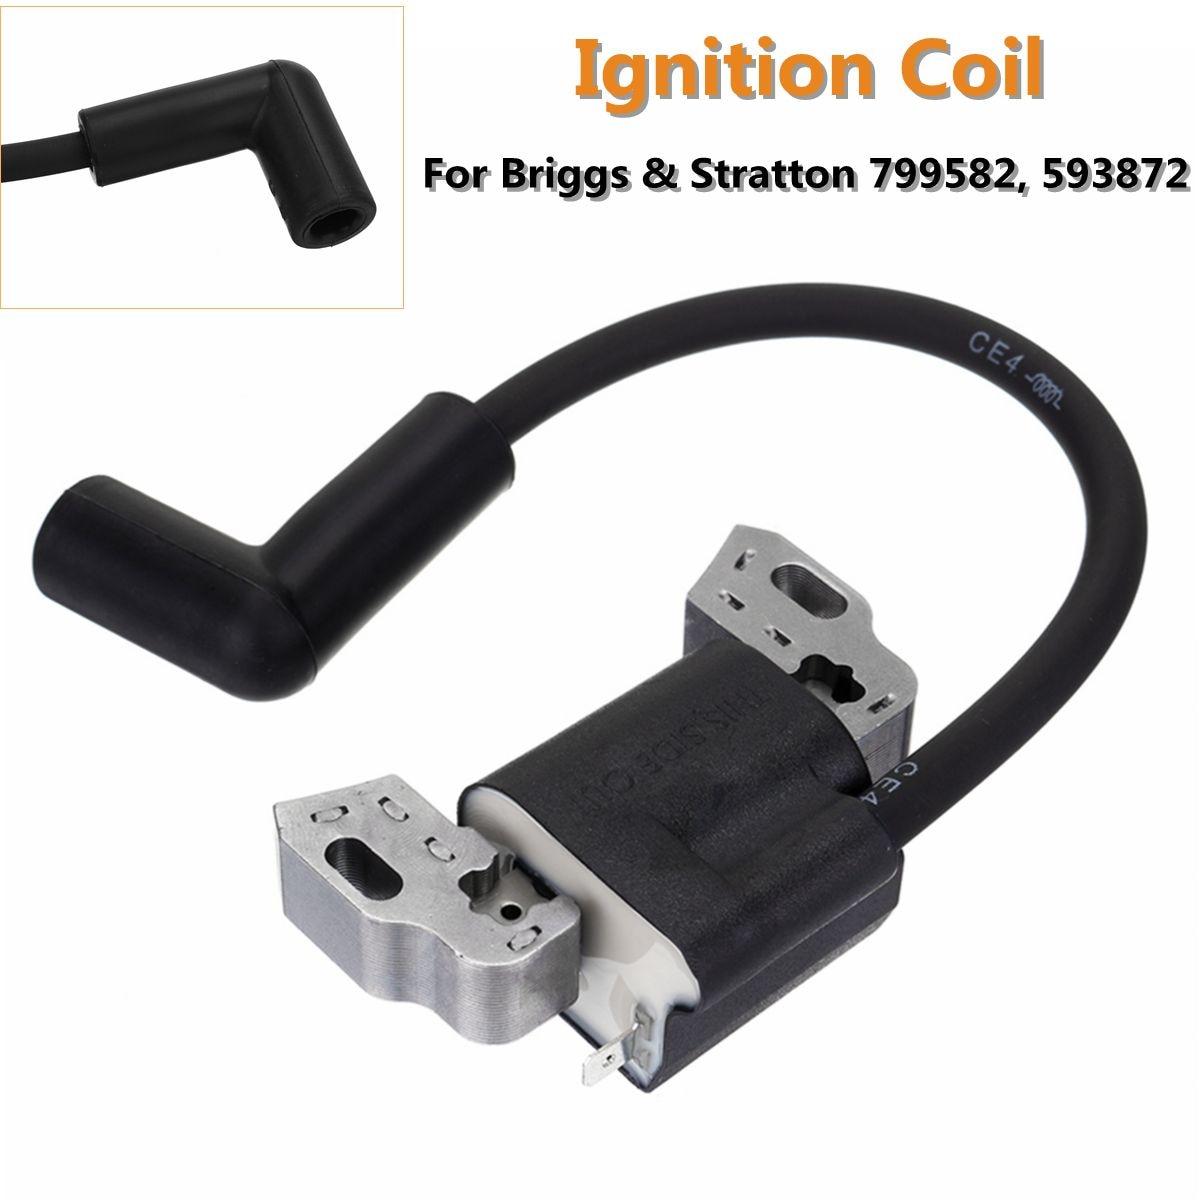 Ignition Coil 798534 799582 593872 For Briggs Stratton